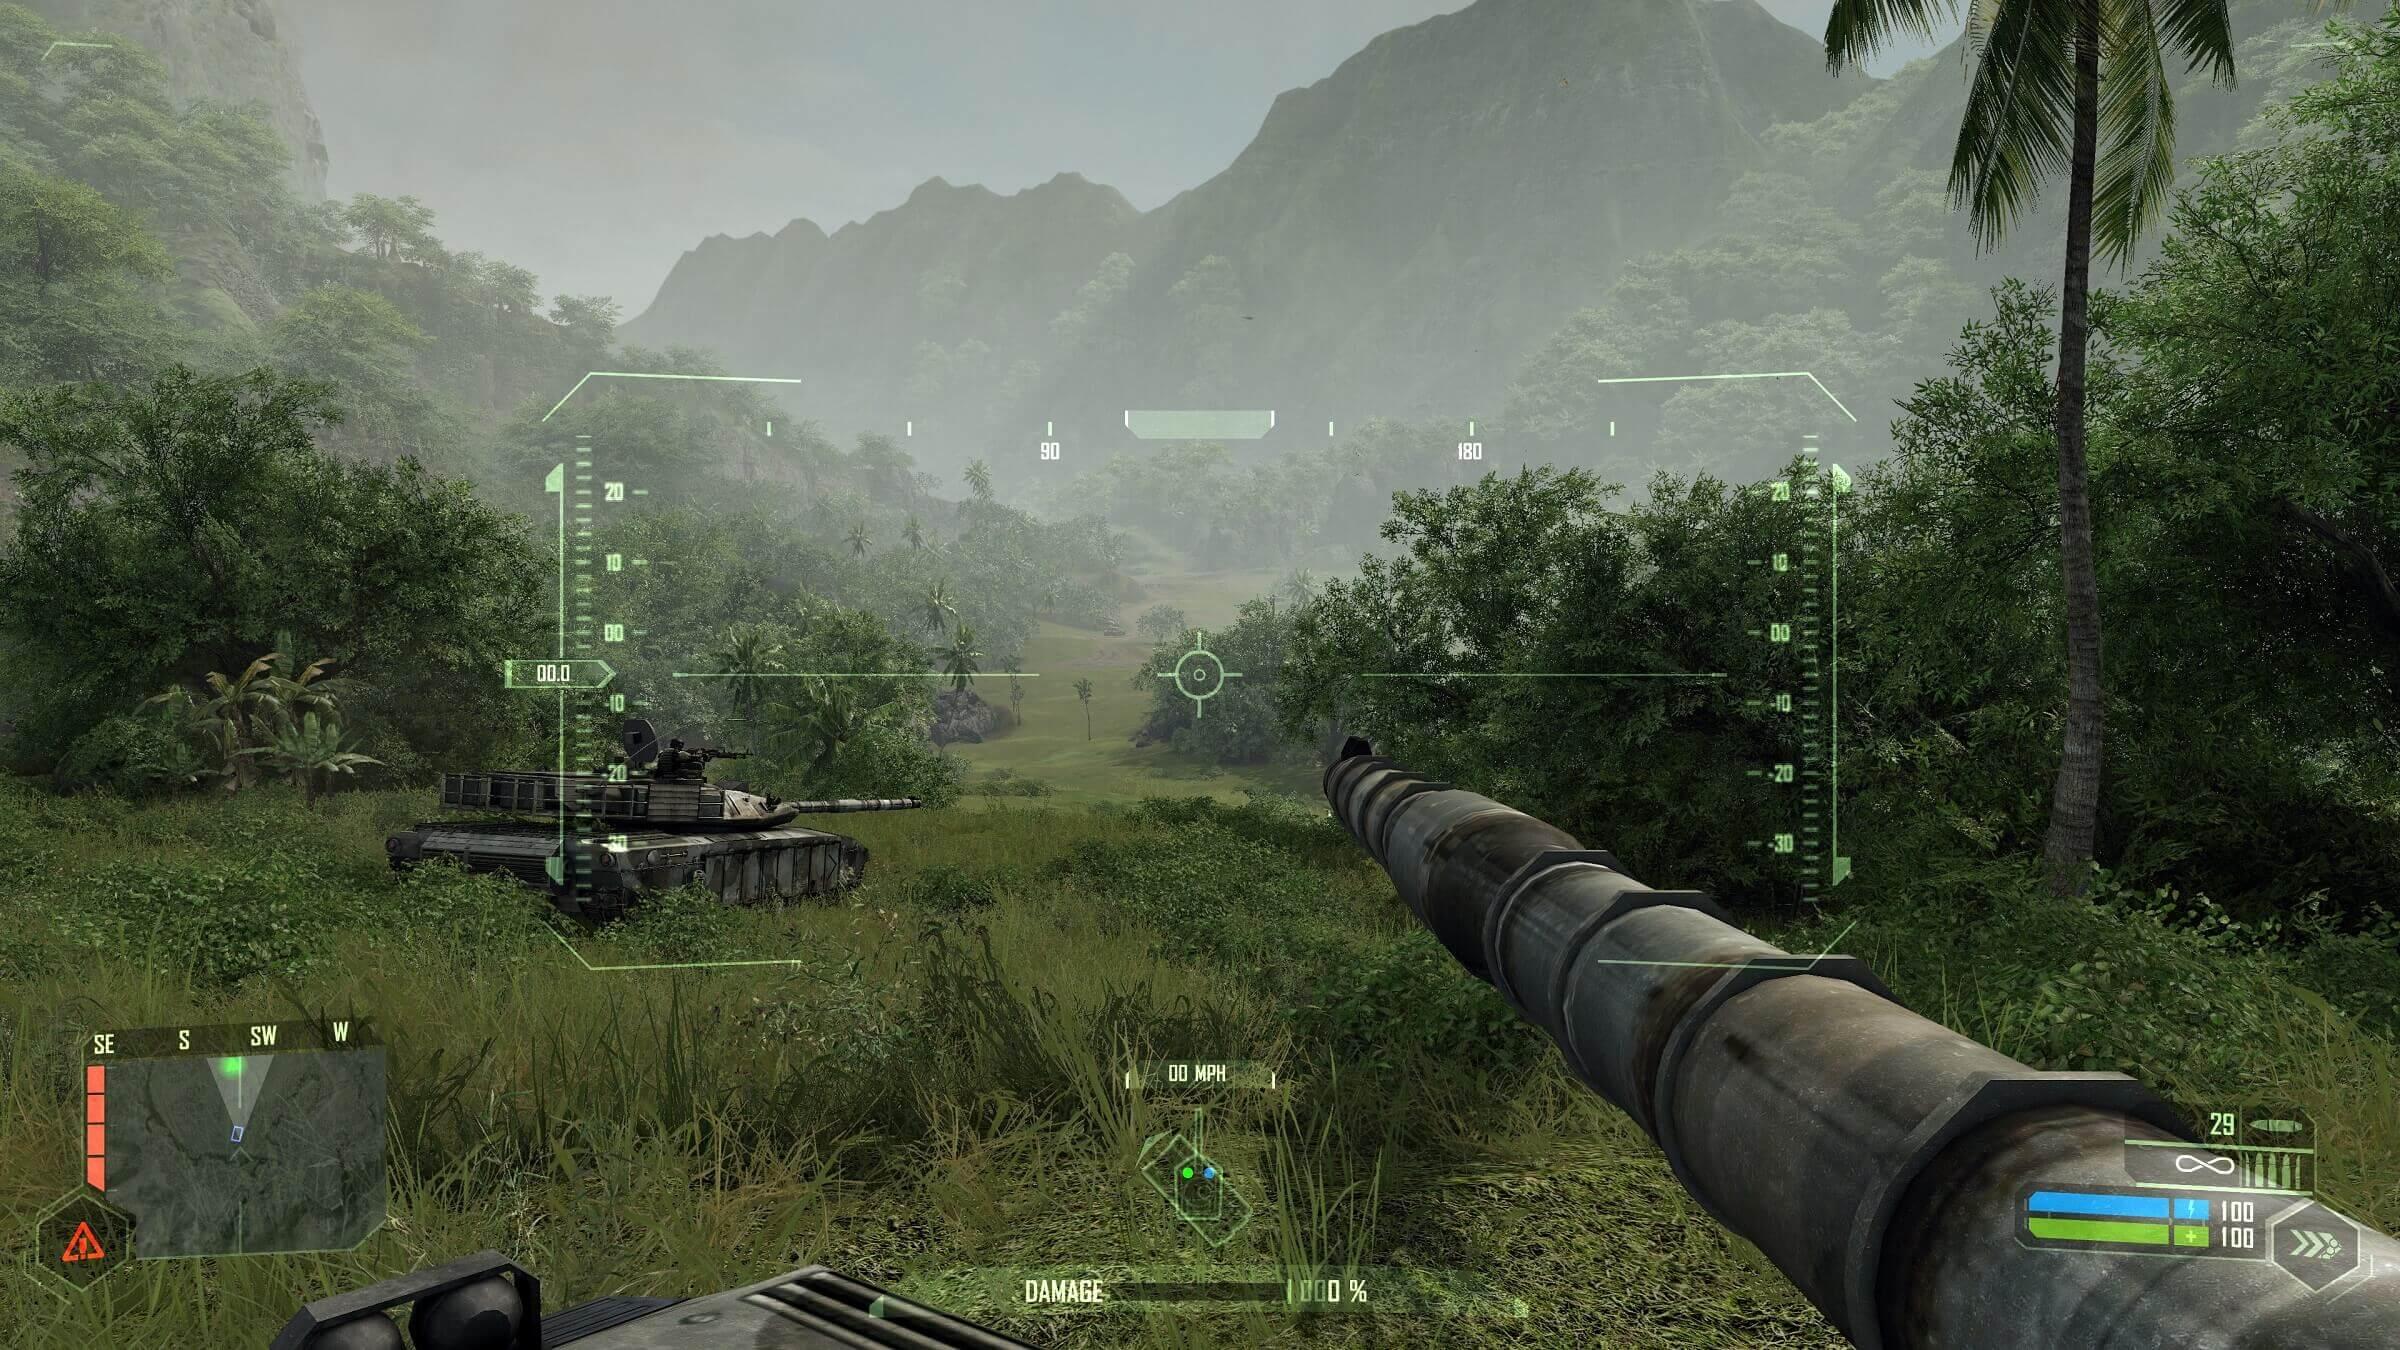 «А Crysis потянет?» Почему до сих пор обсуждают игру, выпущенную 13 лет назад - 13